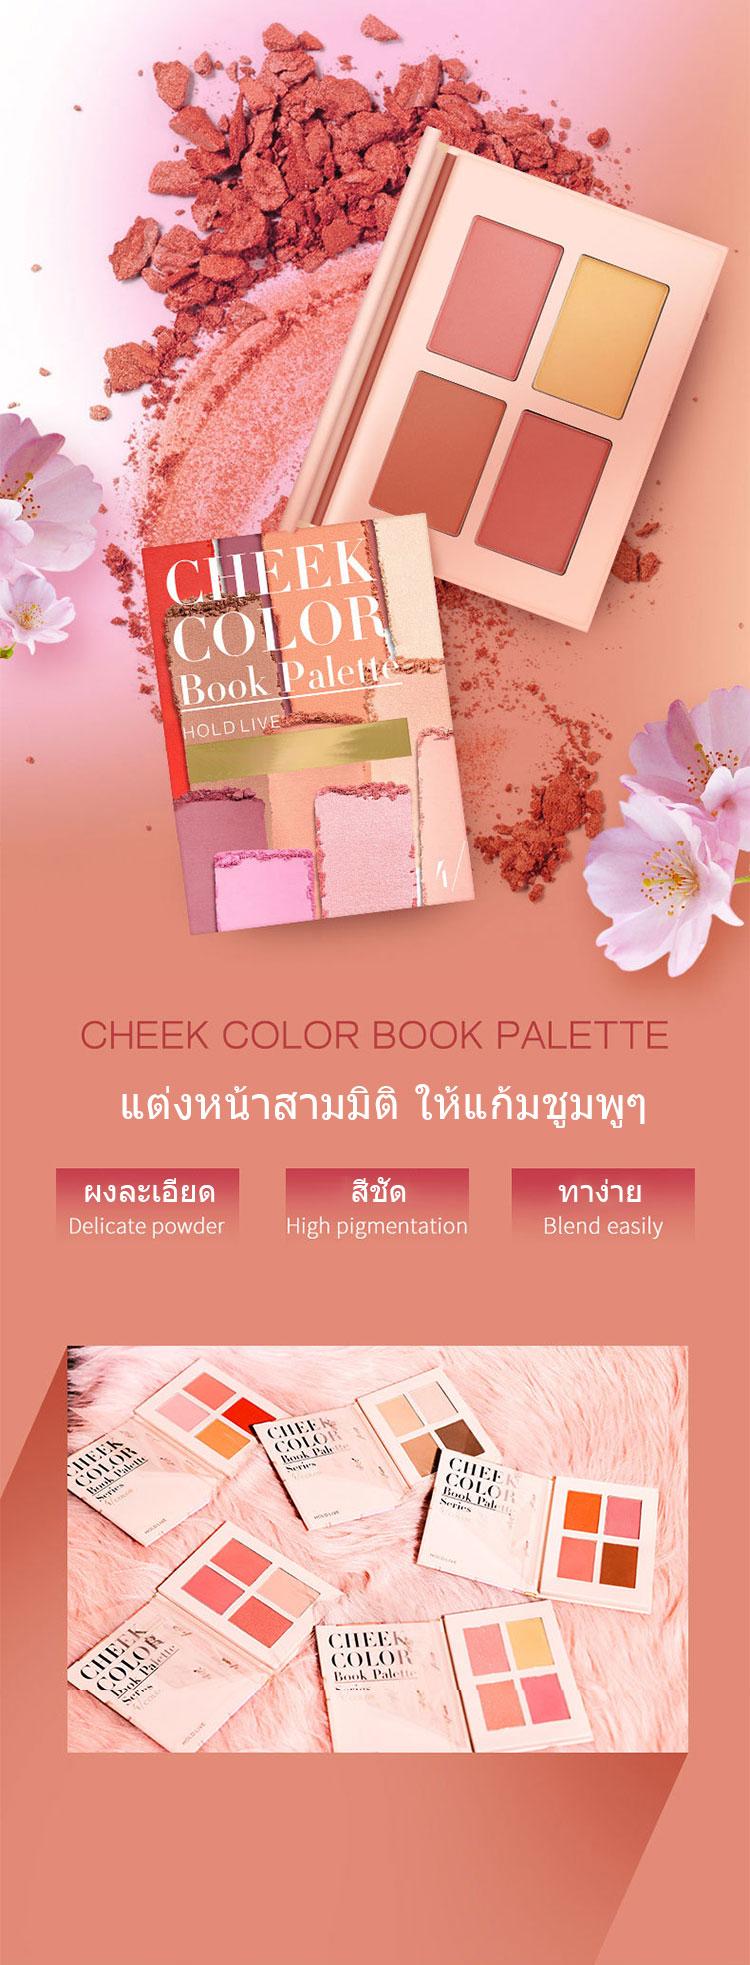 跨境-泰国-美妆